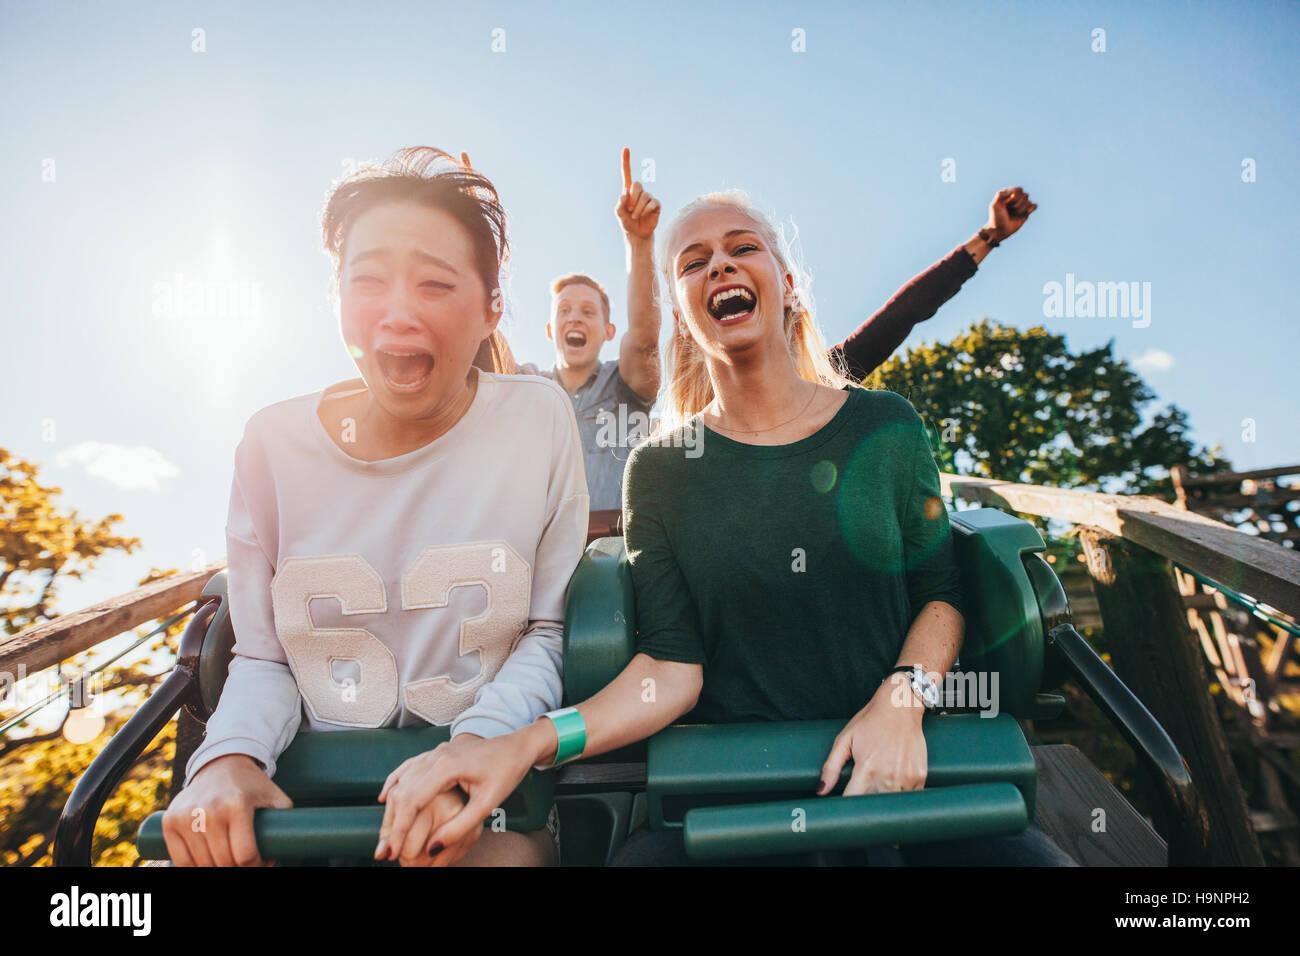 Entusiastas jóvenes amigos caballo viaje en montaña rusa en el parque de diversiones. Los jóvenes se diviertan en Foto de stock